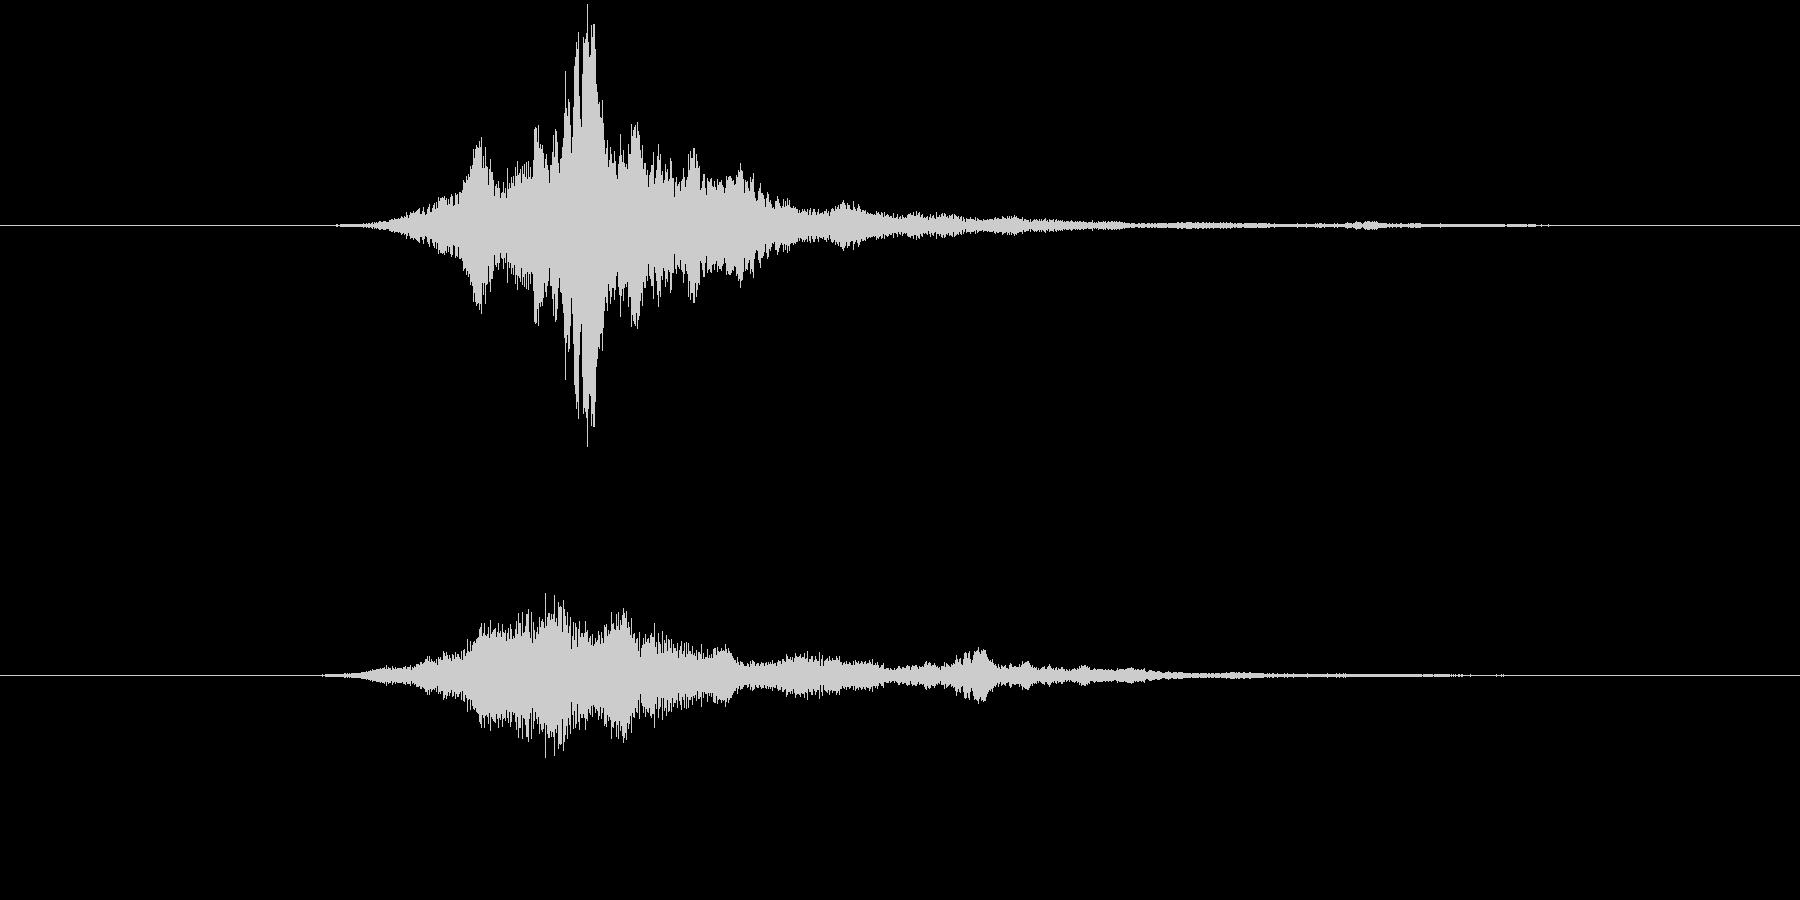 ヒューン(メール等の送受信音)、電子音の未再生の波形